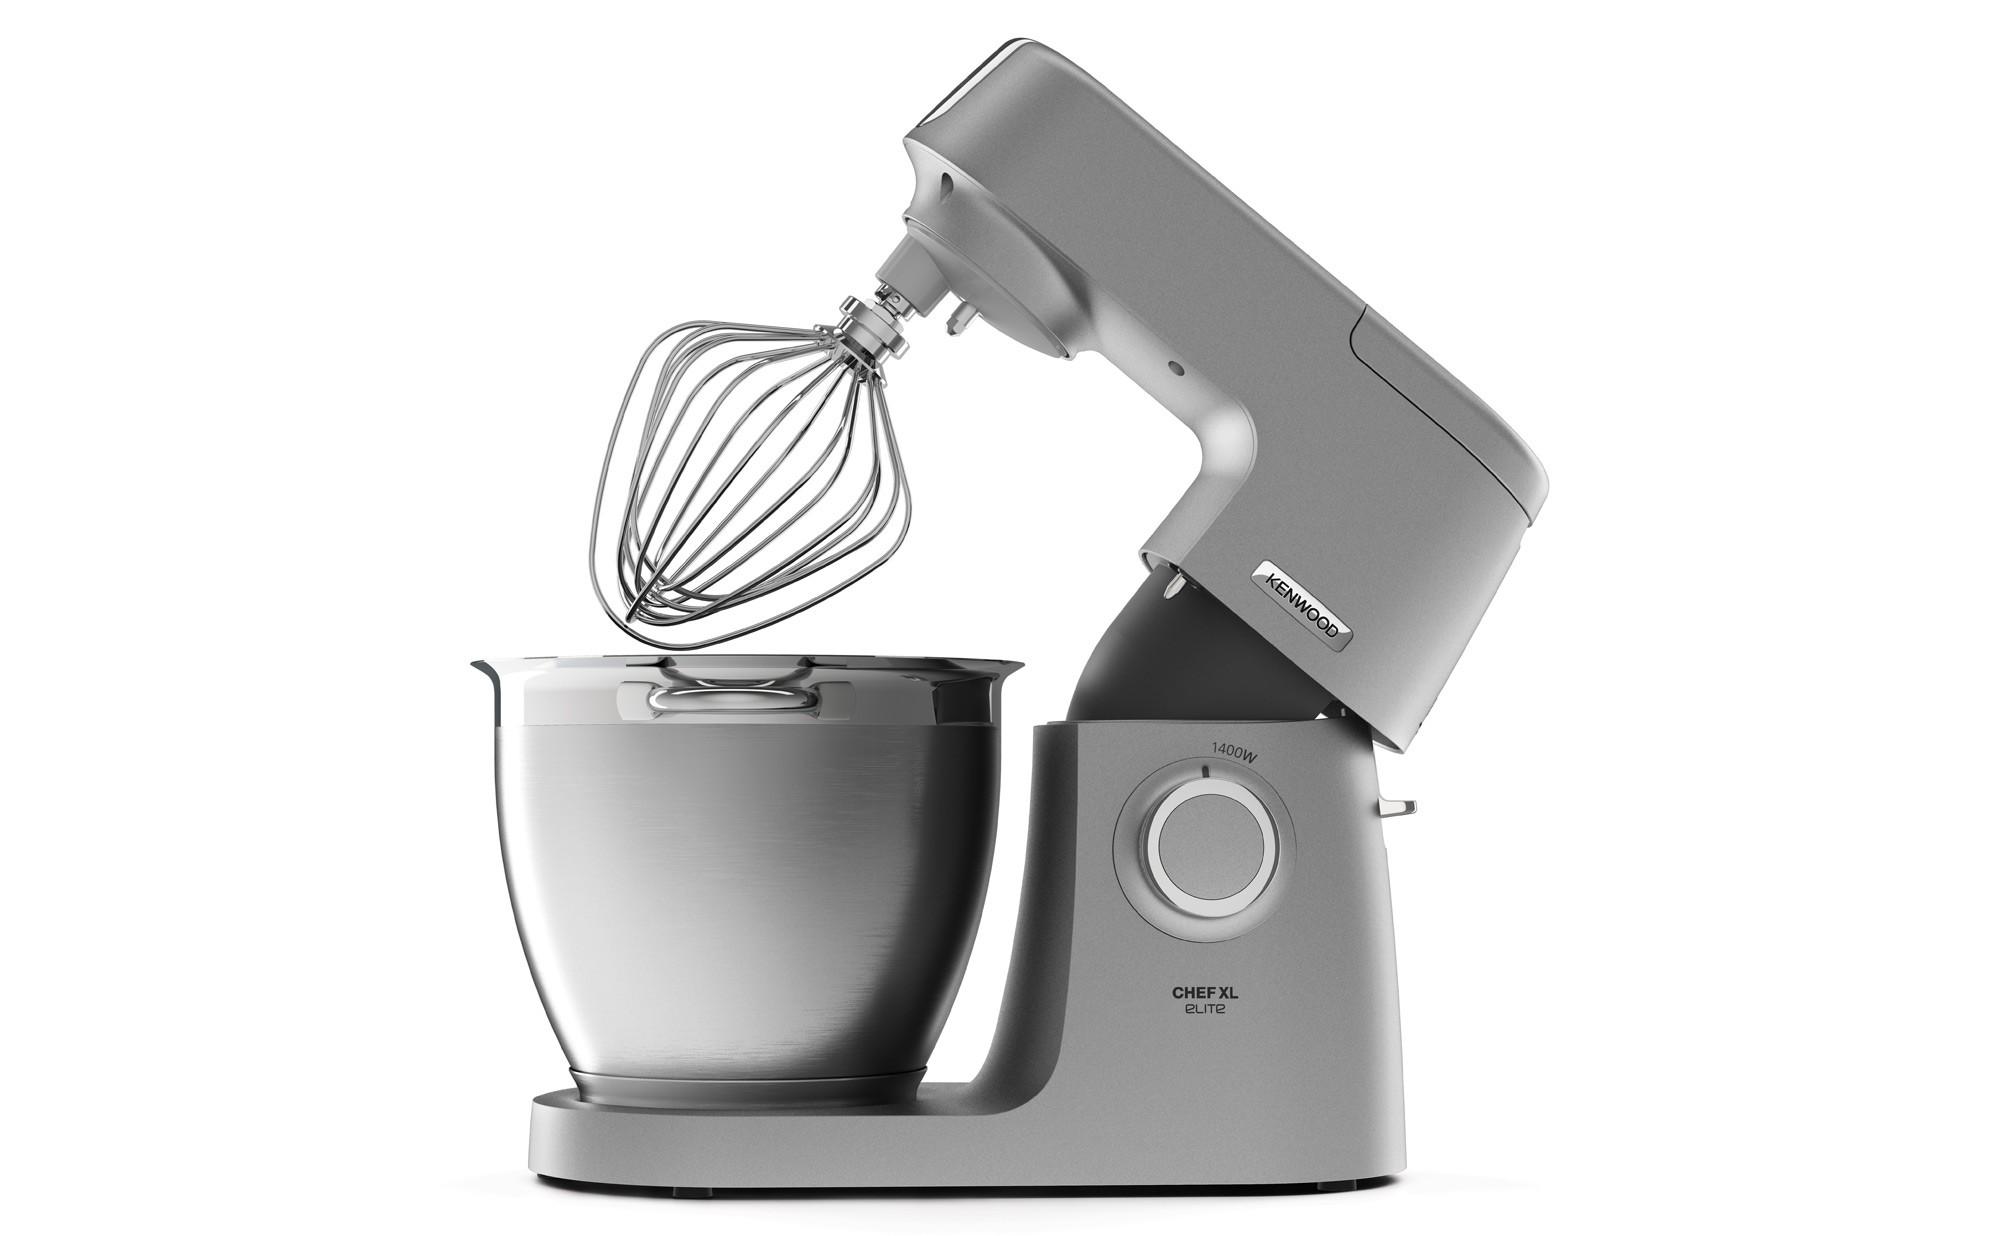 kenwood robot chef xl elite. Black Bedroom Furniture Sets. Home Design Ideas